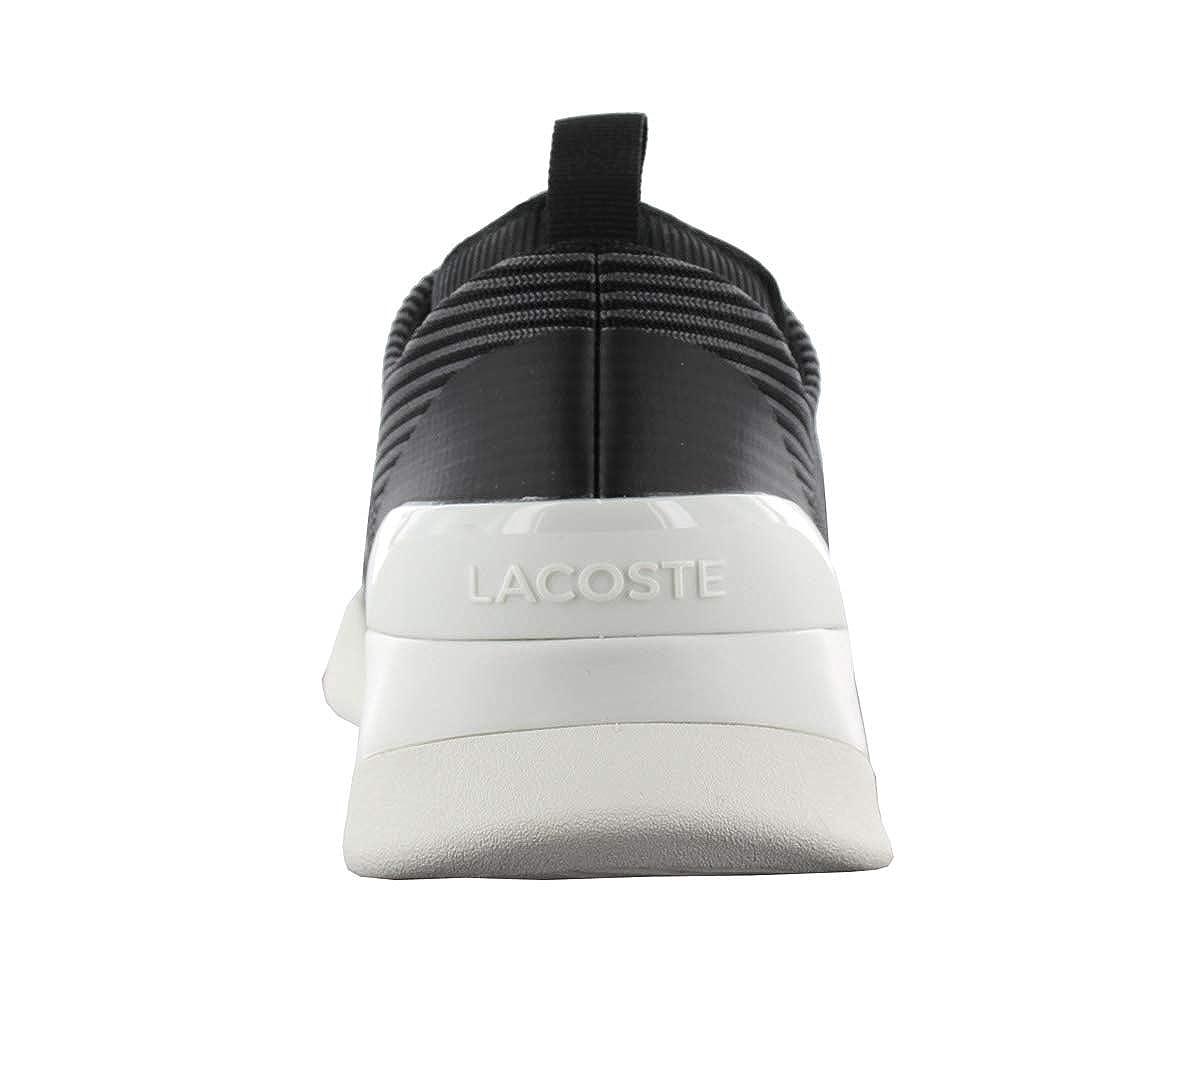 Amazon.com: Lacoste Mens Lt Dual Elite 317 1 SPM Trainers, Black: Clothing